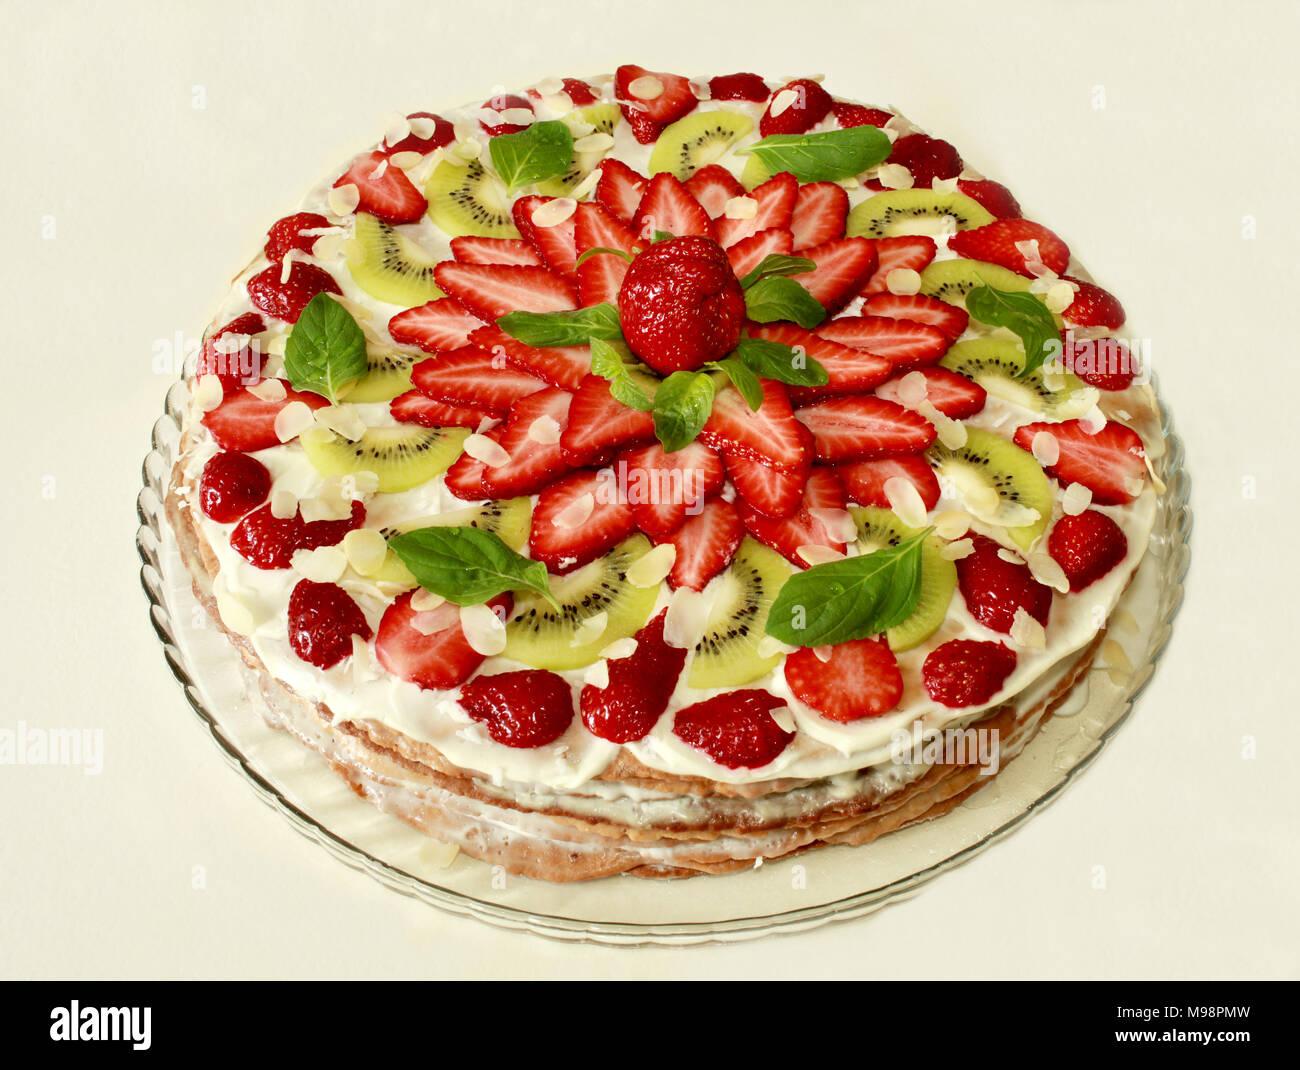 Kuchen Mit Sahne Fullung Bedeckt Mit Erdbeeren Kiwi Und Mintgrun